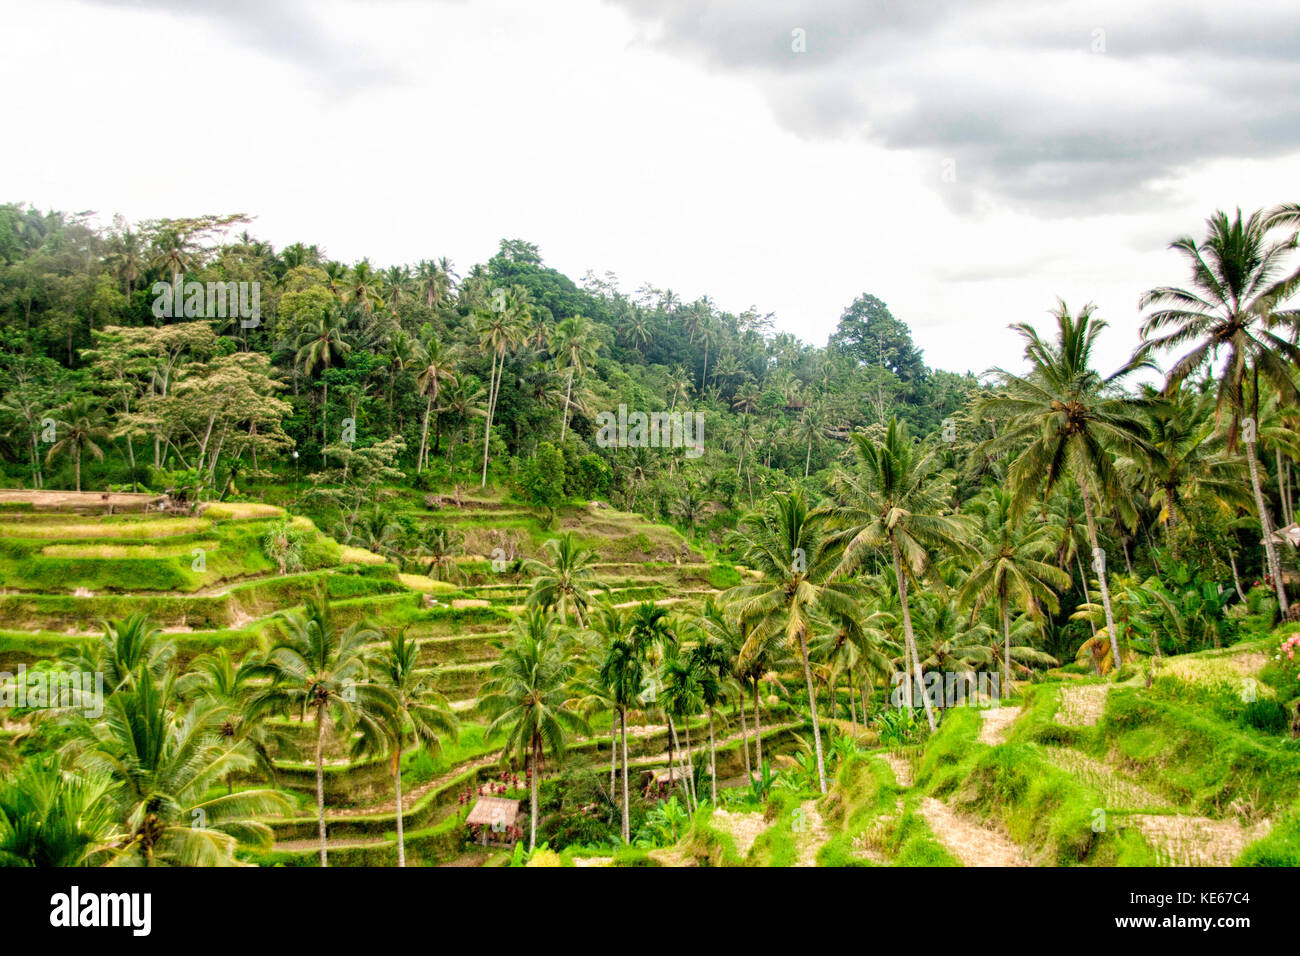 Tegallalang Rice Field, Bali - Stock Image